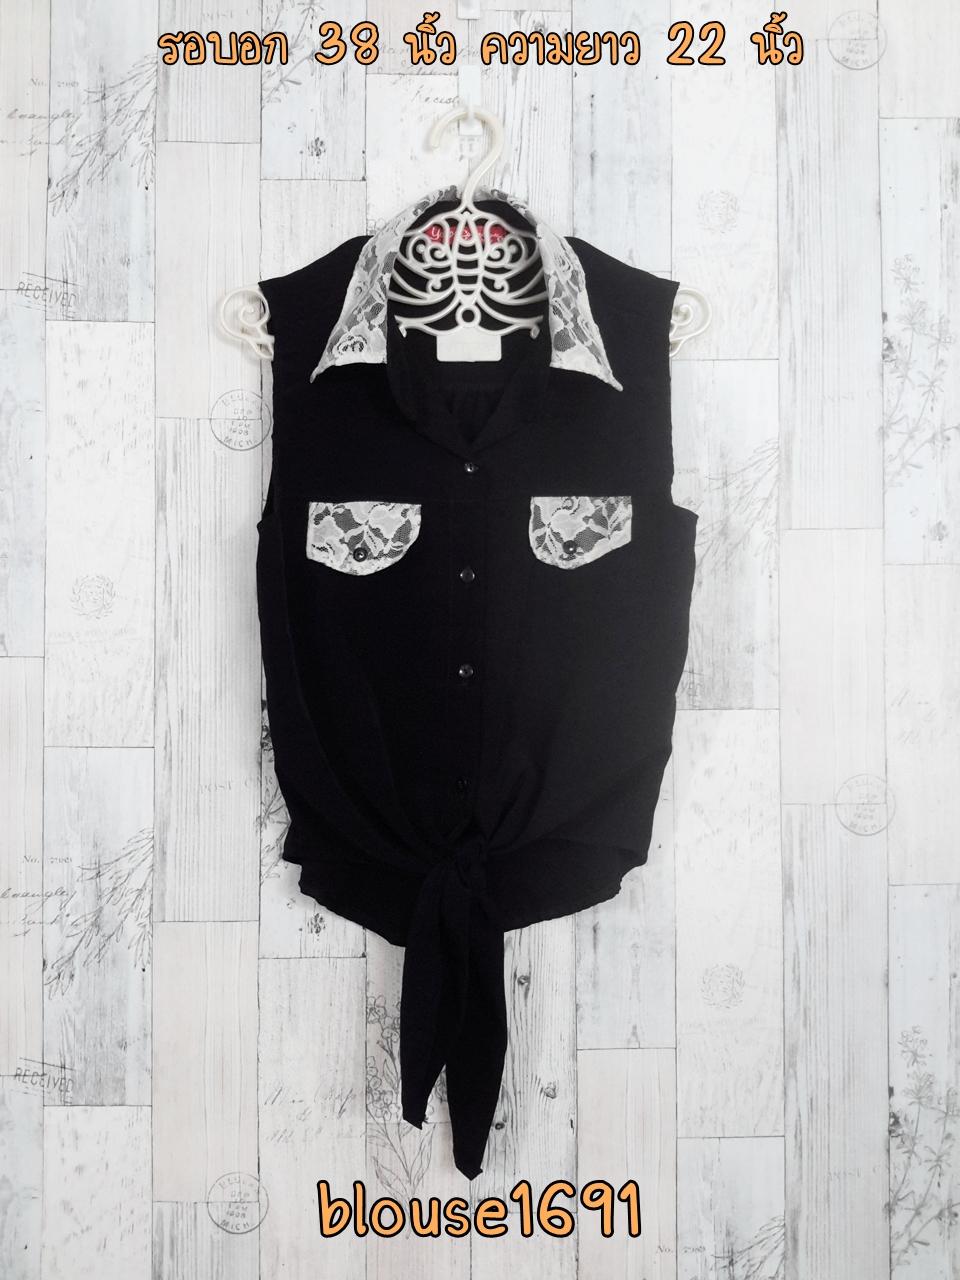 LOT SALE!! Blouse1691 เสื้อแฟชั่นคอปกเชิ้ตลูกไม้ ผูกเอว ผ้าฮานาโกะสีดำ